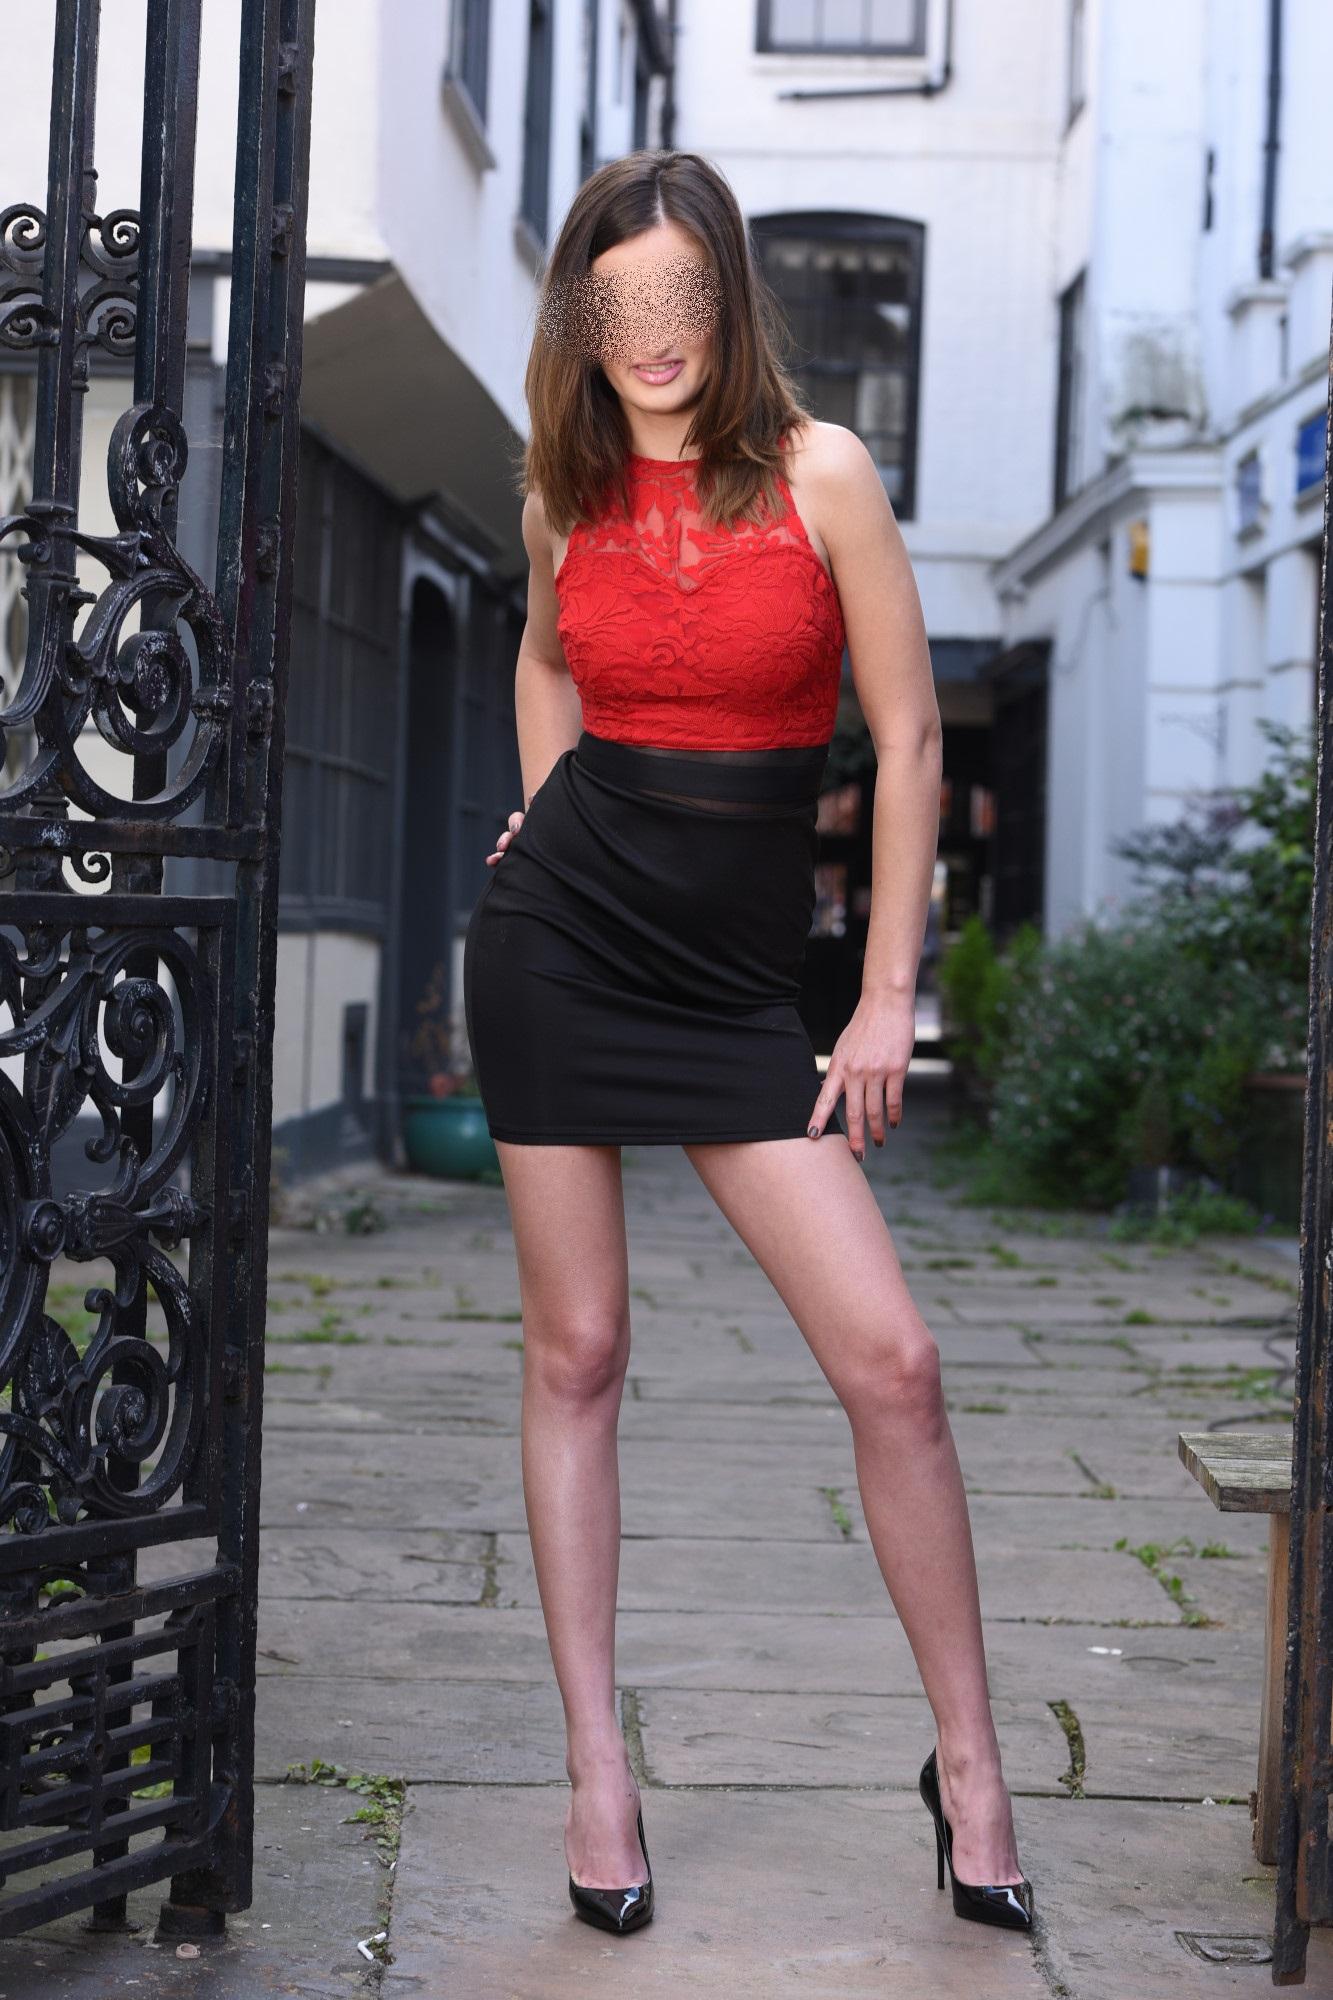 new escort girls escort girls uk